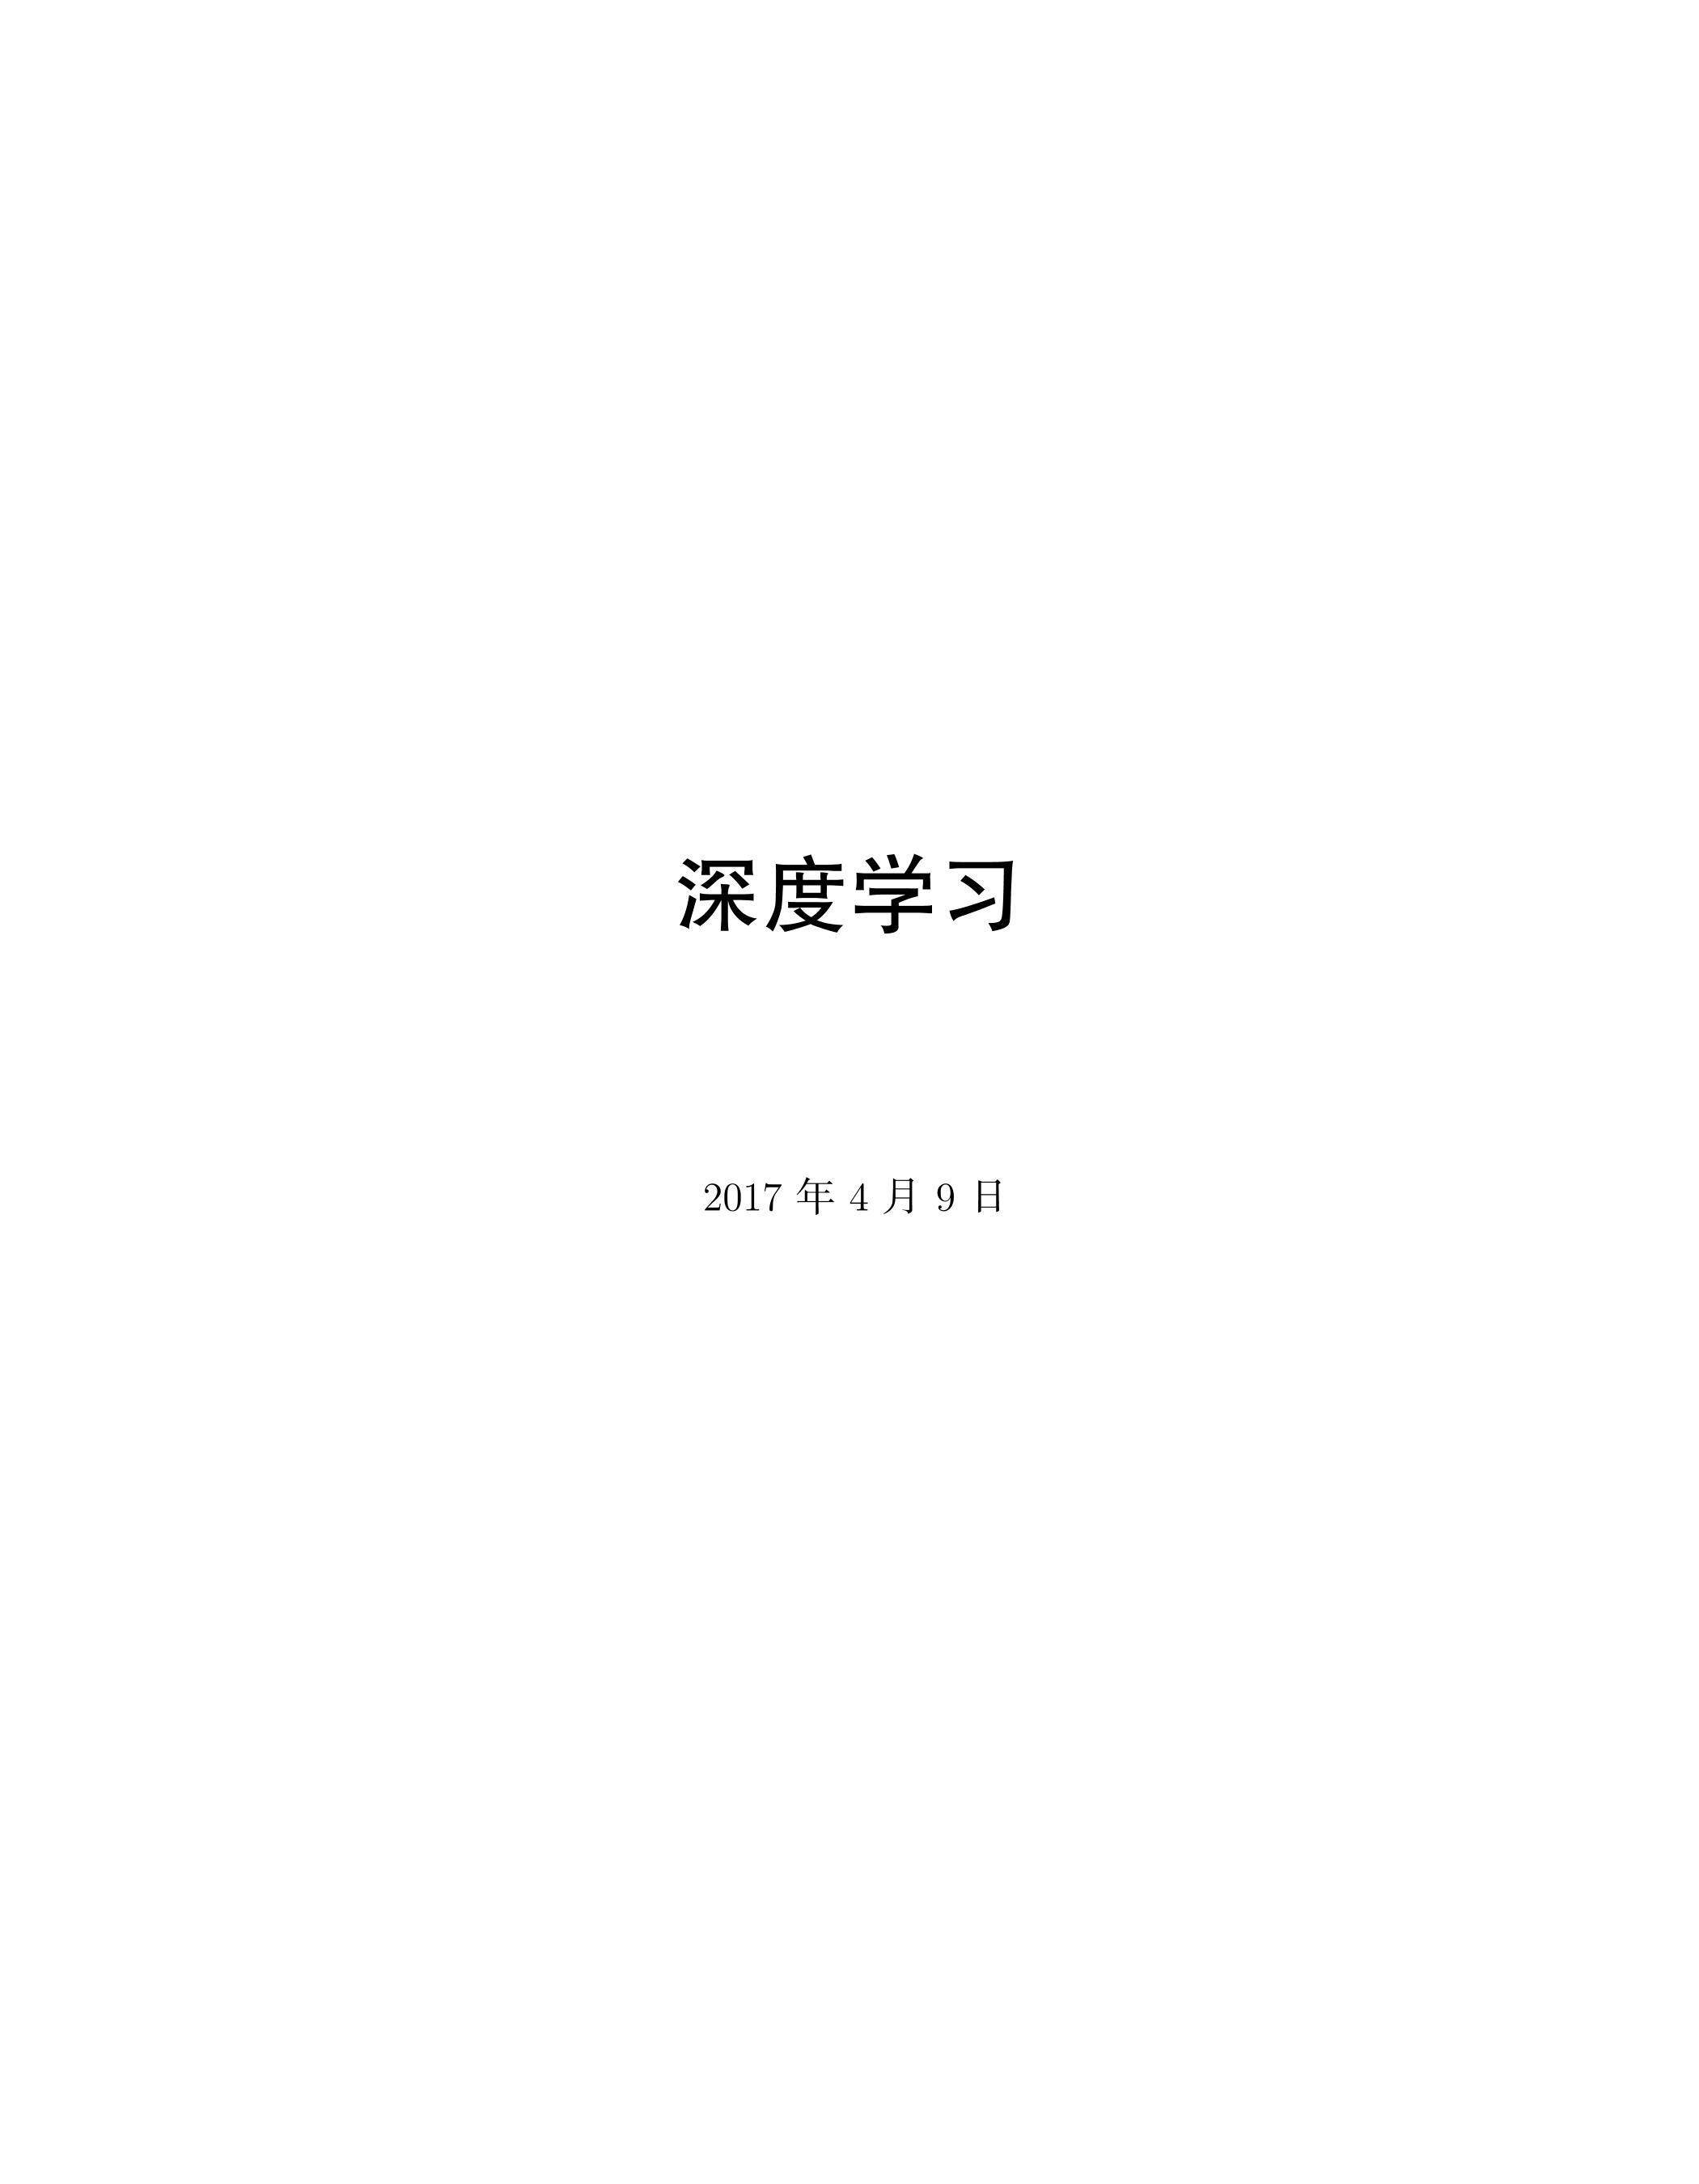 """深度学习界圣经""""花书""""《Deep Learning》中文版来了"""